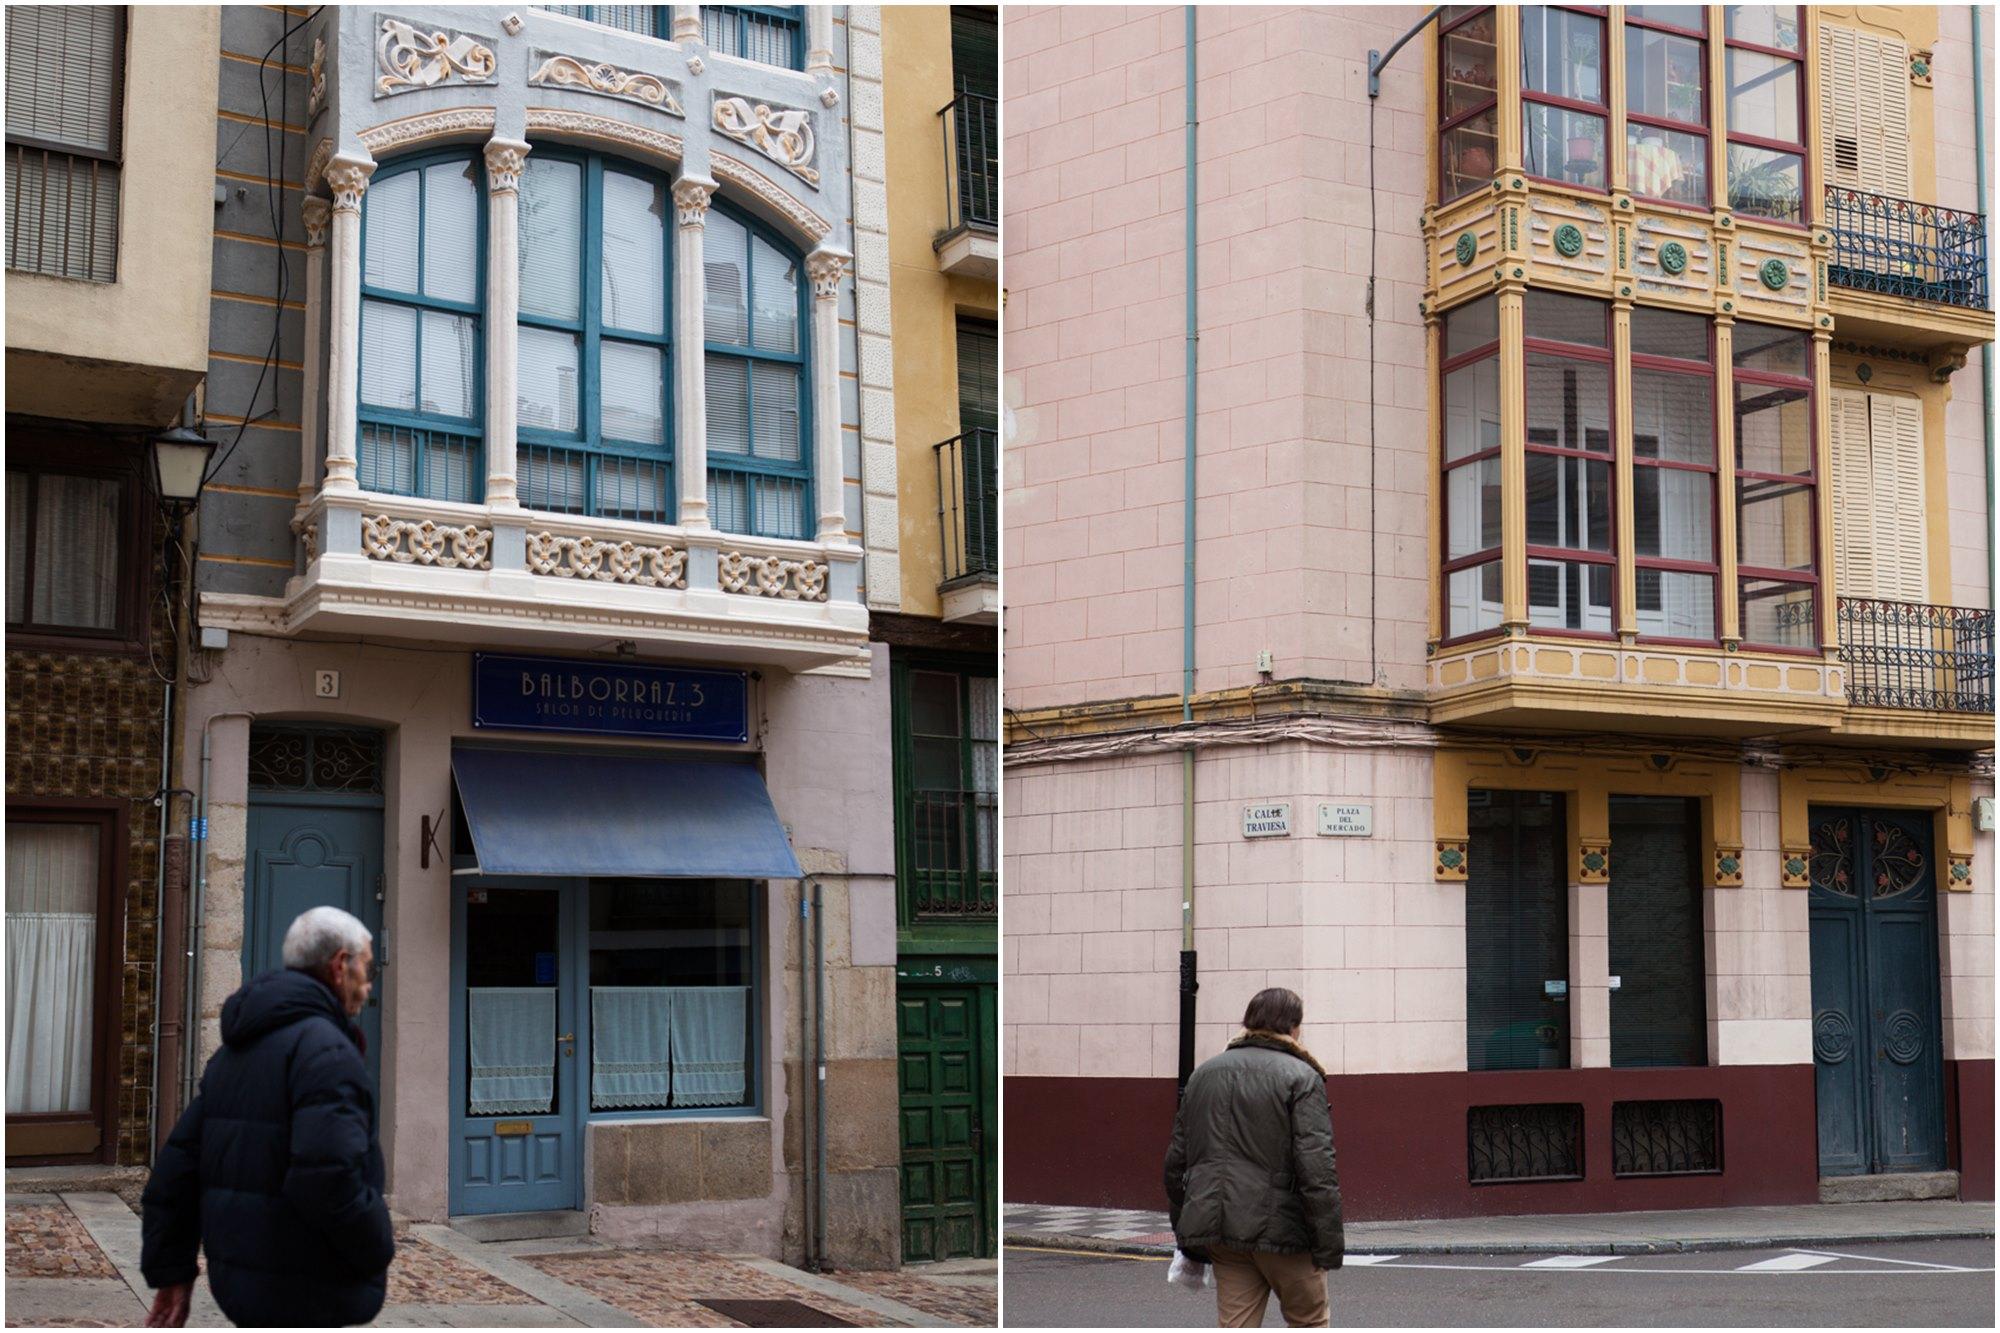 La casa de Faustina Leirado en la calle Balborraz contrasta con las casas de la calle Traviesa.